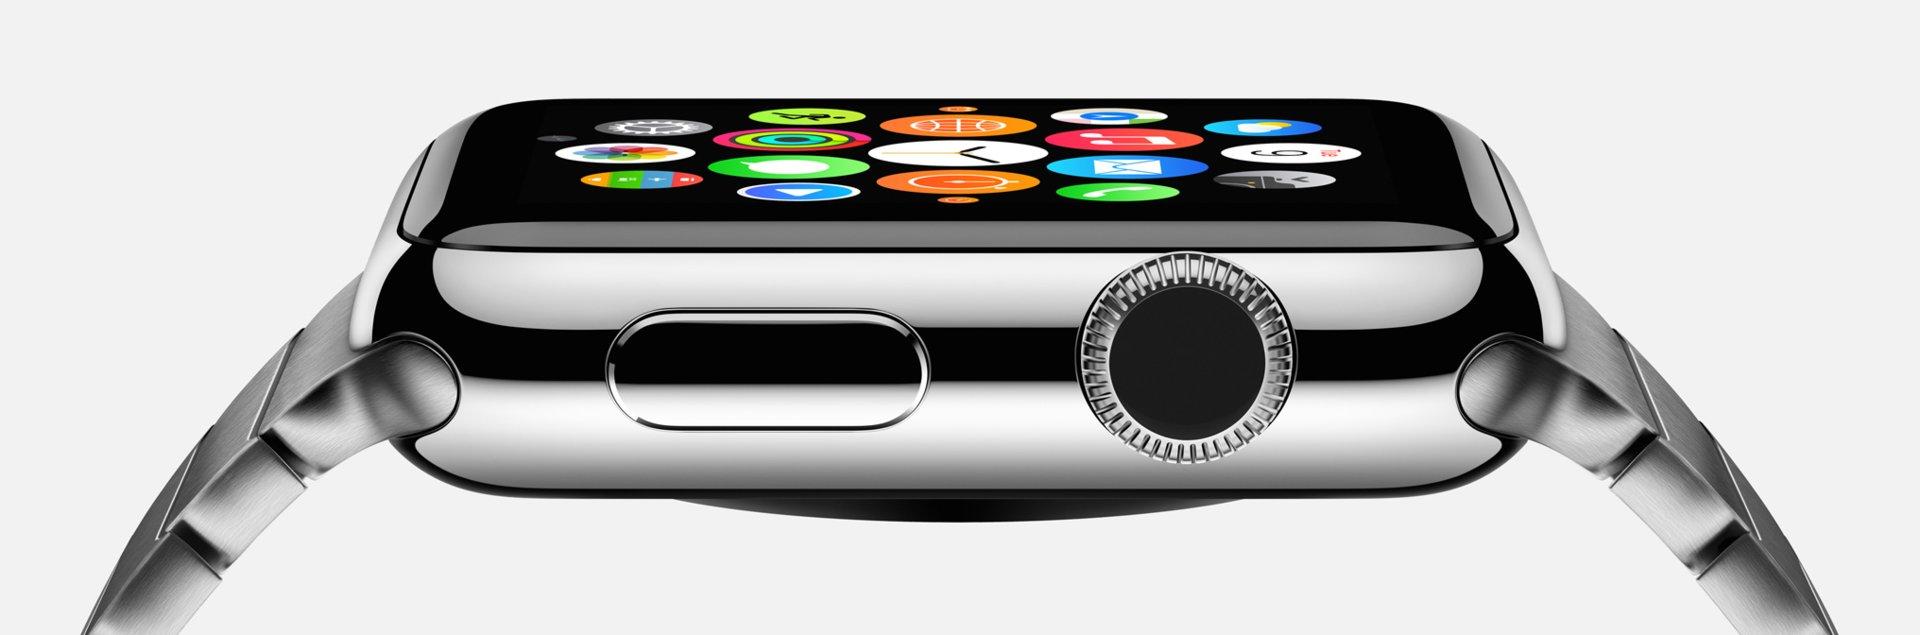 Apple Watch in der Seitenansicht mit digitaler Krone